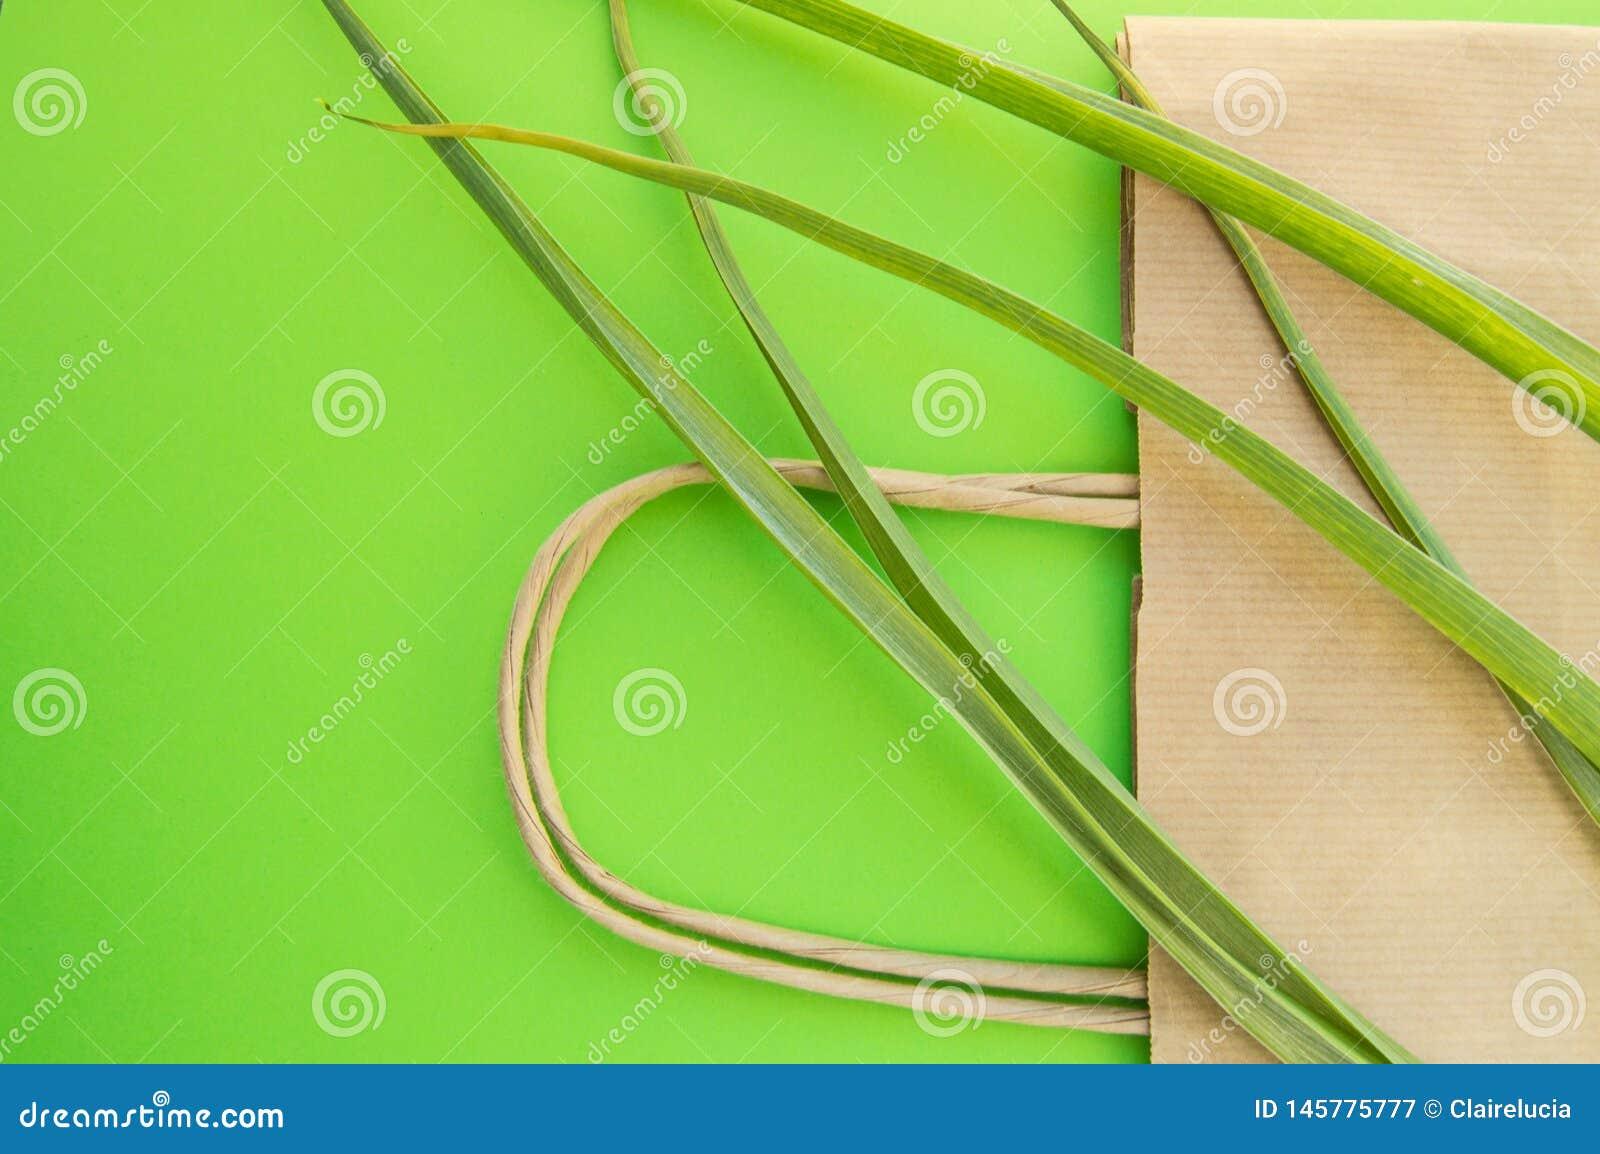 Posi??o lisa de papel da opini?o superior do eco do saco de compras com as plantas herb?ceas sobre o fundo verde, o conceito zero